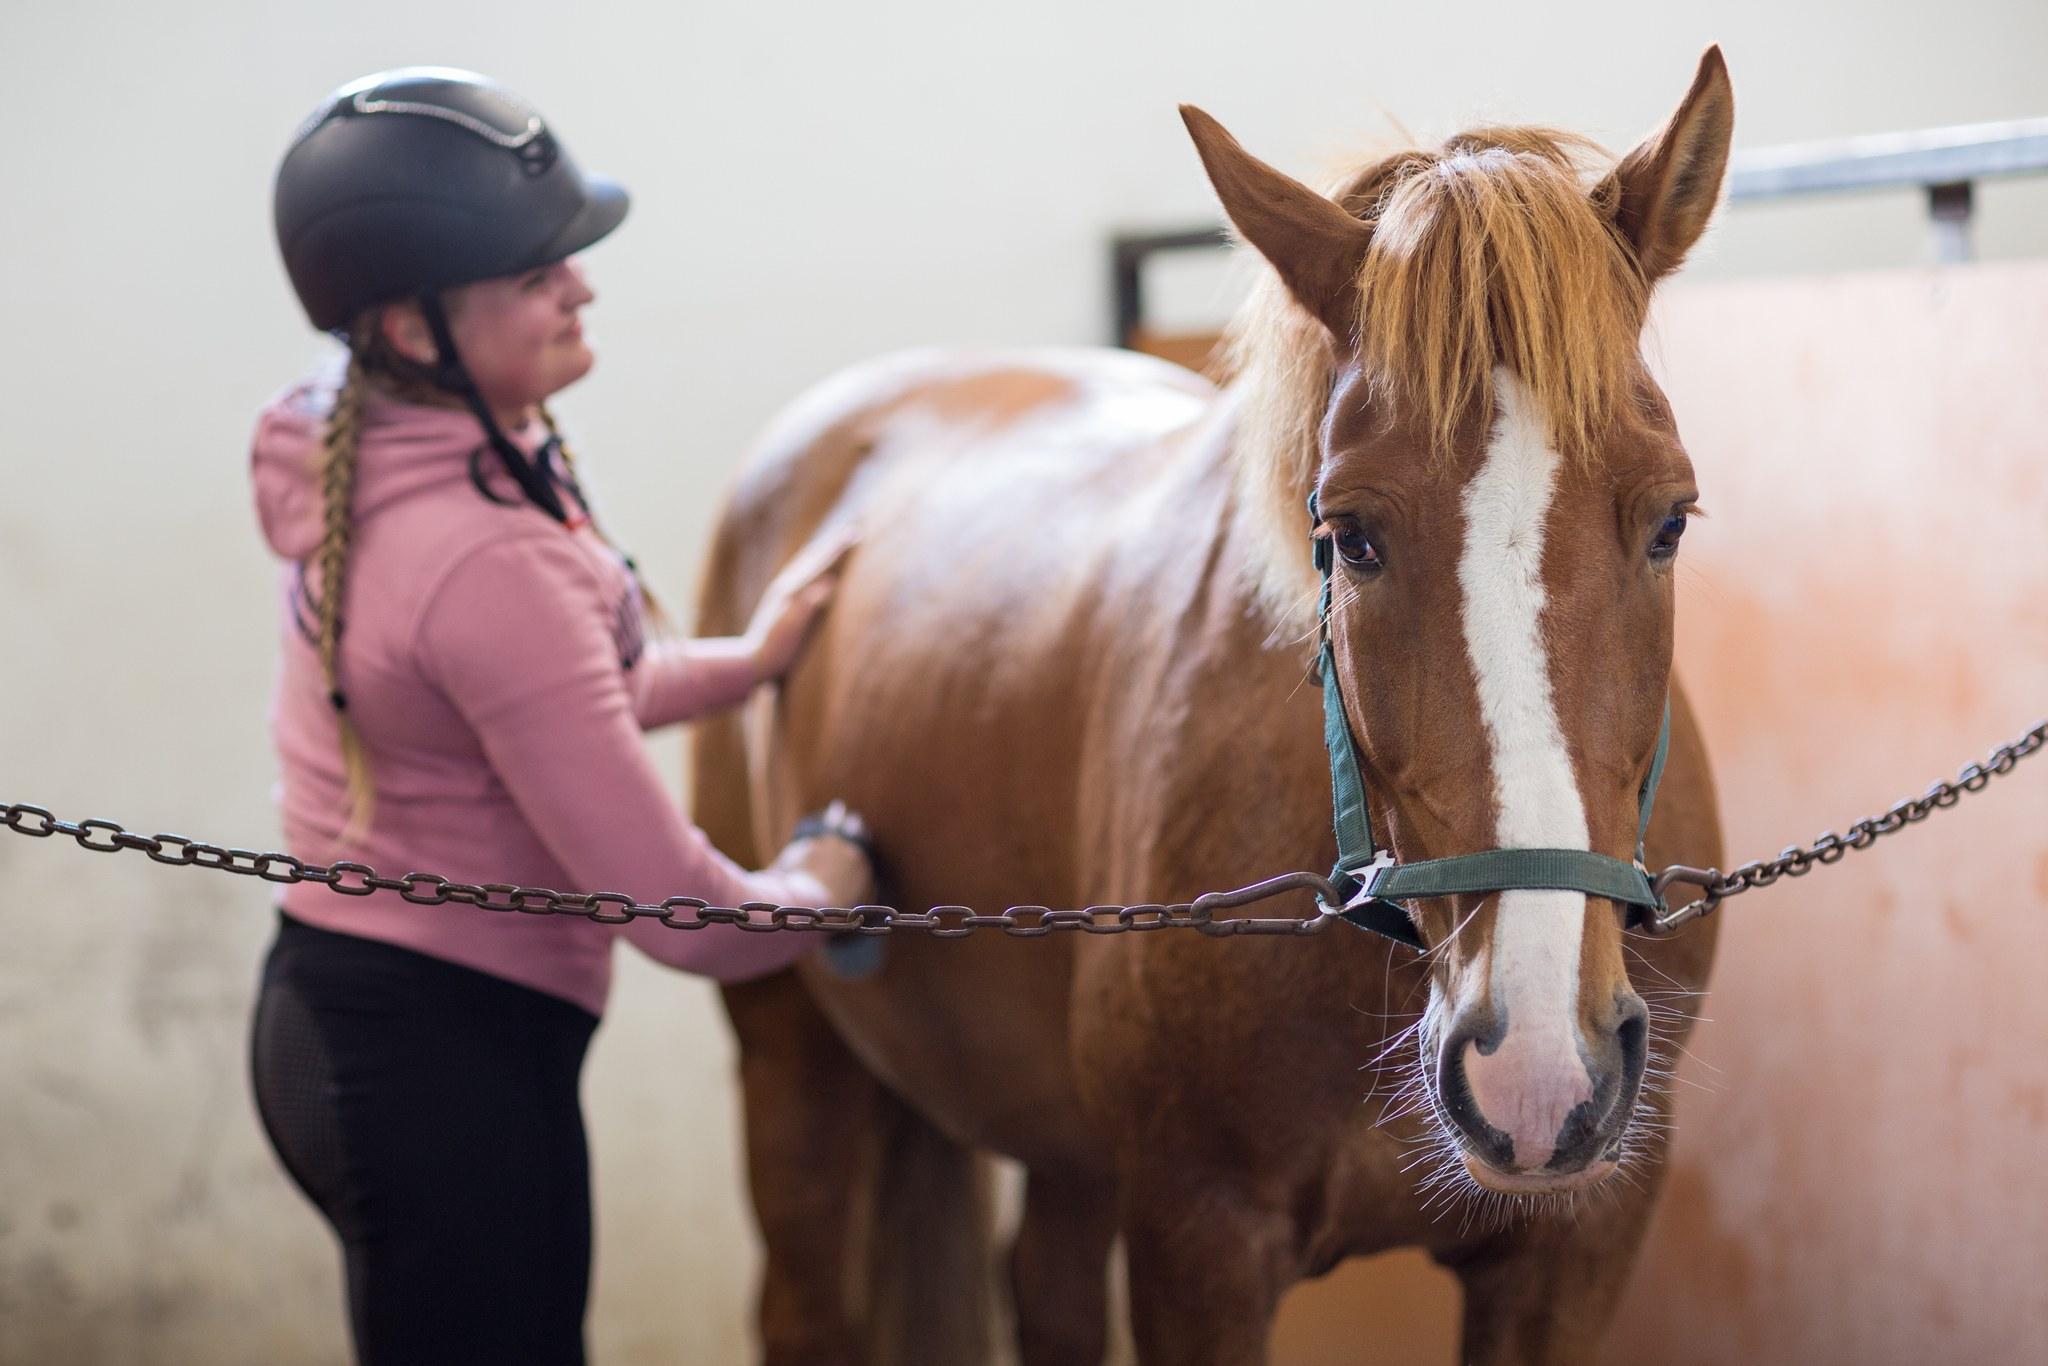 Tyttö harjaa hevosta.